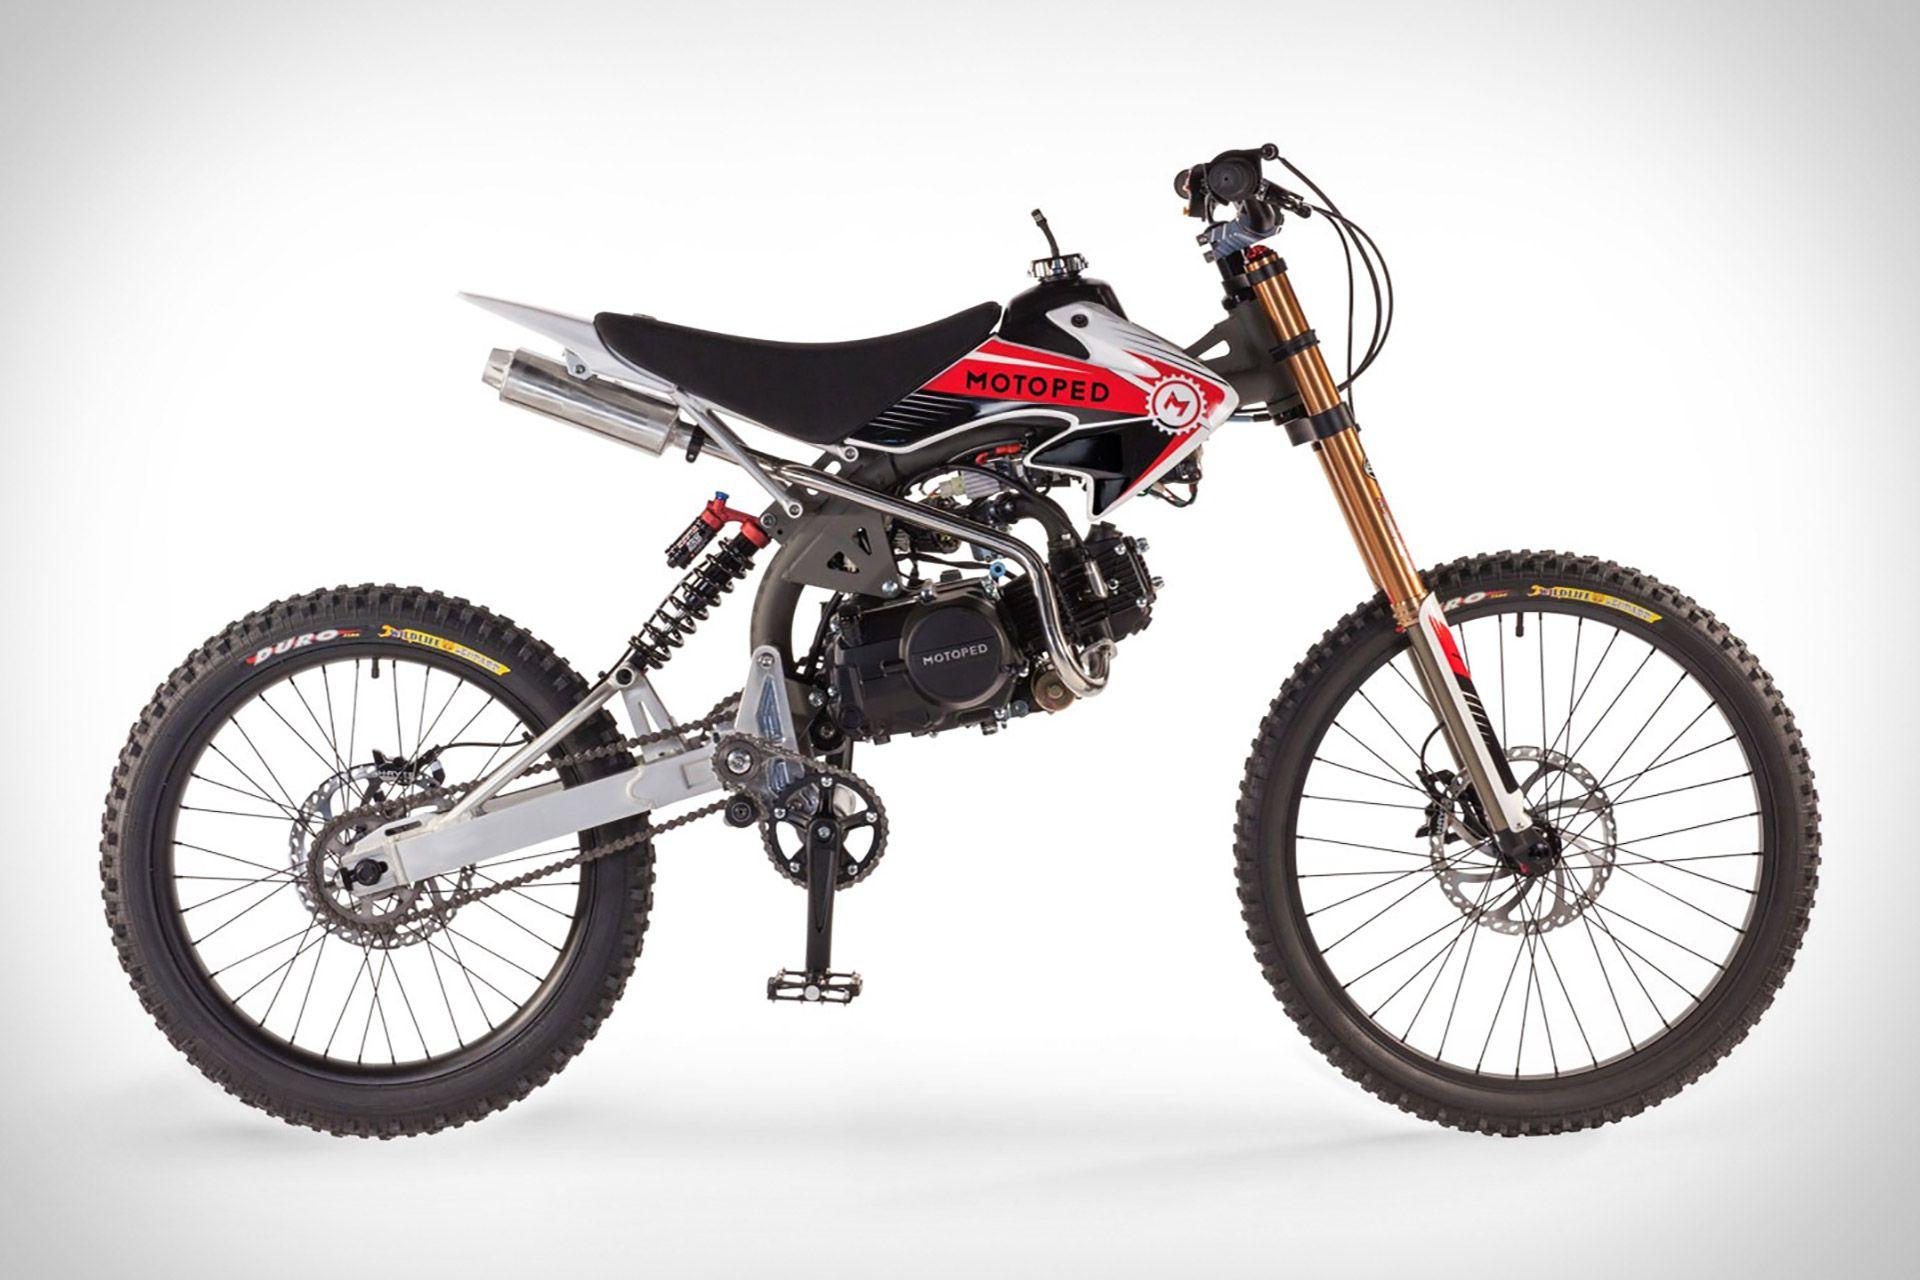 Motoped Pro Pit Bike